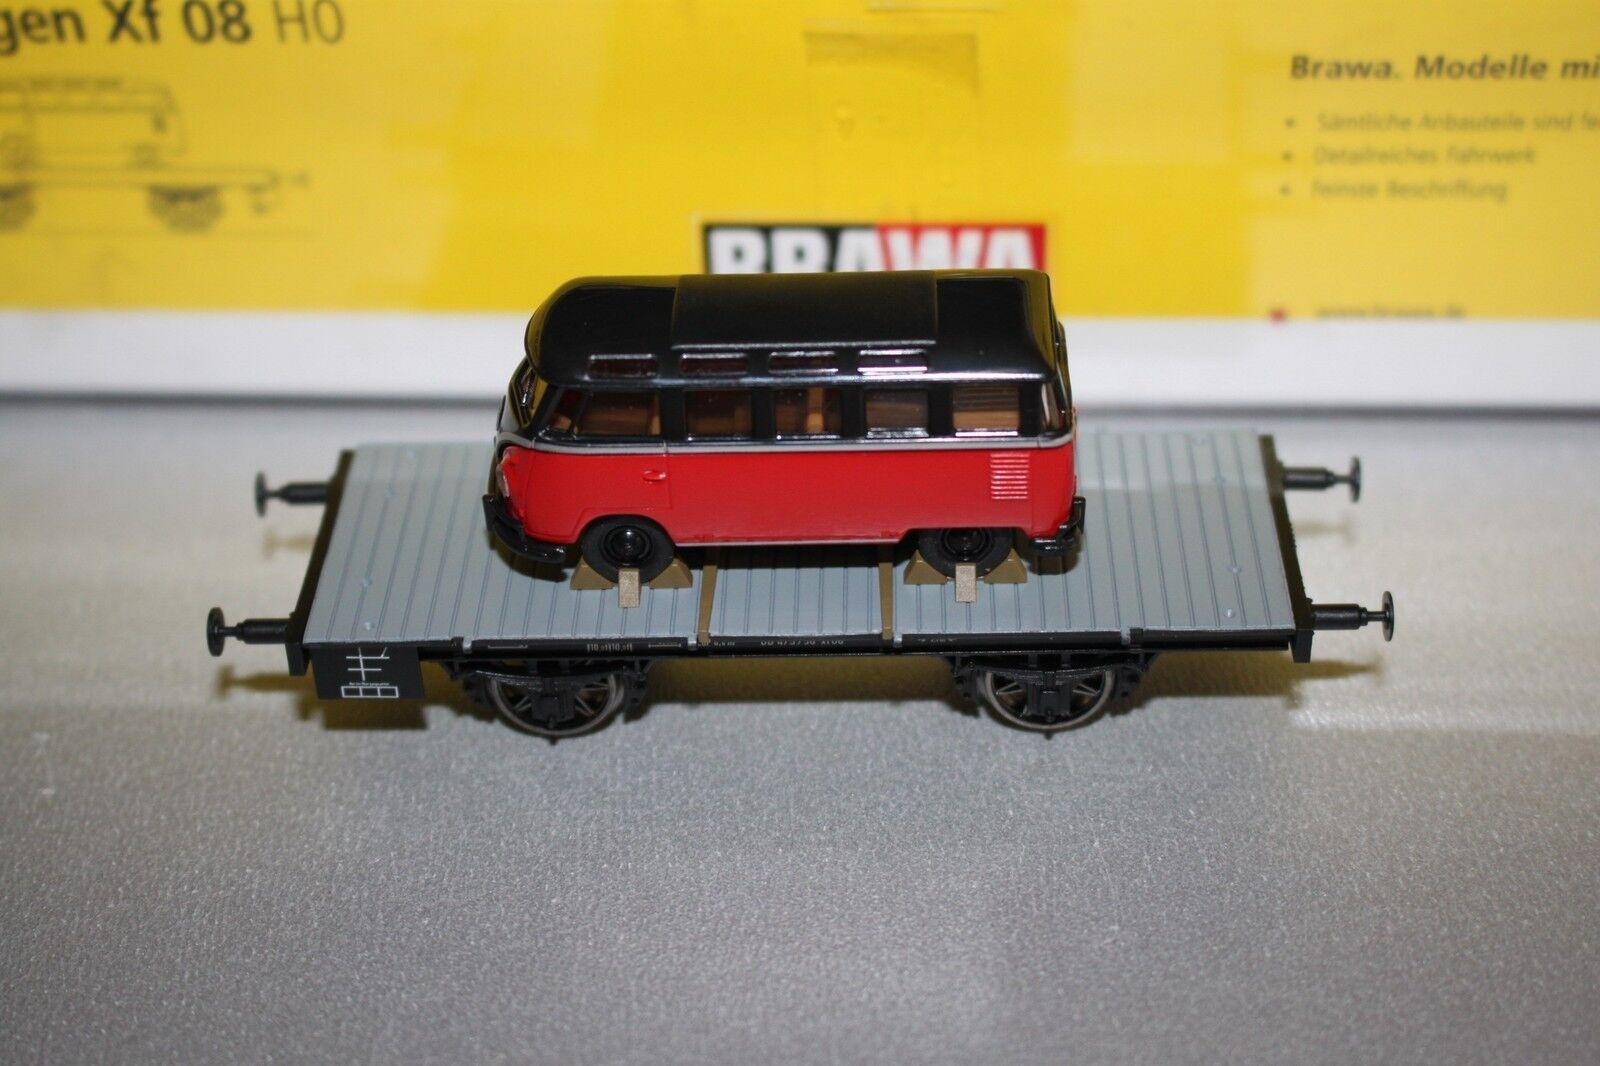 gran descuento Brawa 47703 2-Trailer plana Cochero XF 08 08 08 DB con furgoneta VW pista h0 OVP  hasta un 70% de descuento